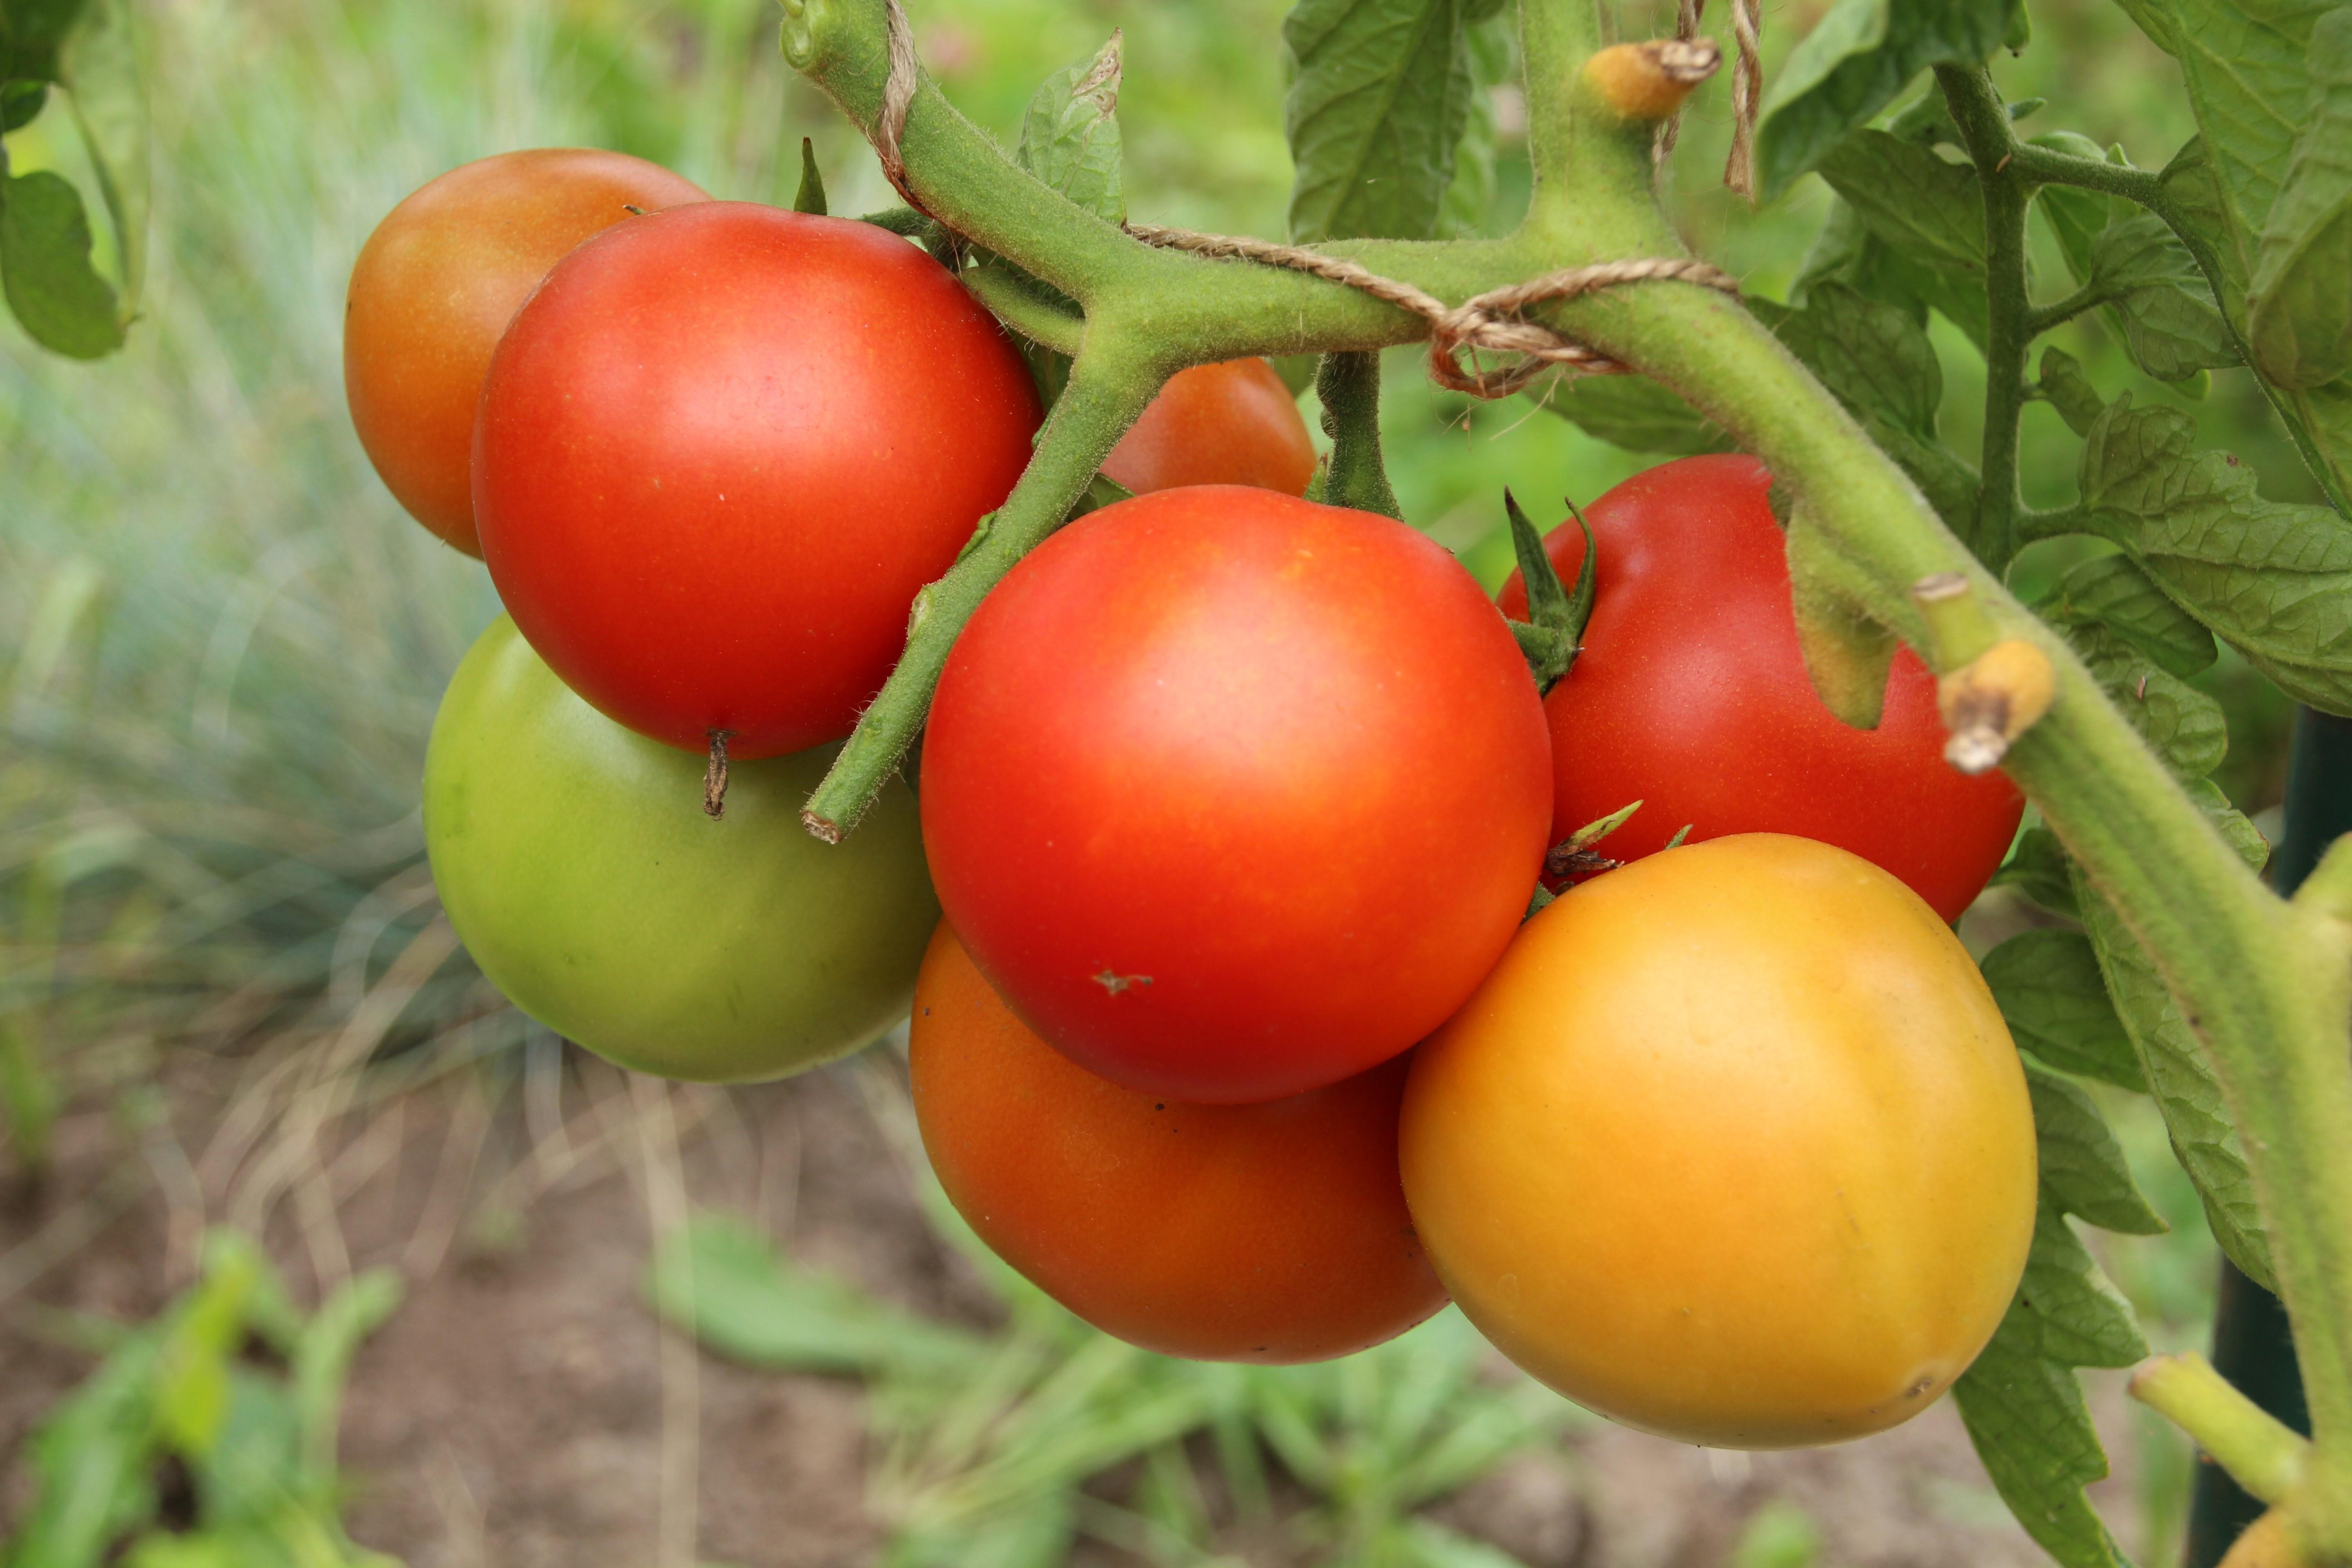 Томат медвежонок f1: характеристика и описание сорта с фото, урожайность помидора ф1, посадка в грунт и уход, отзывы